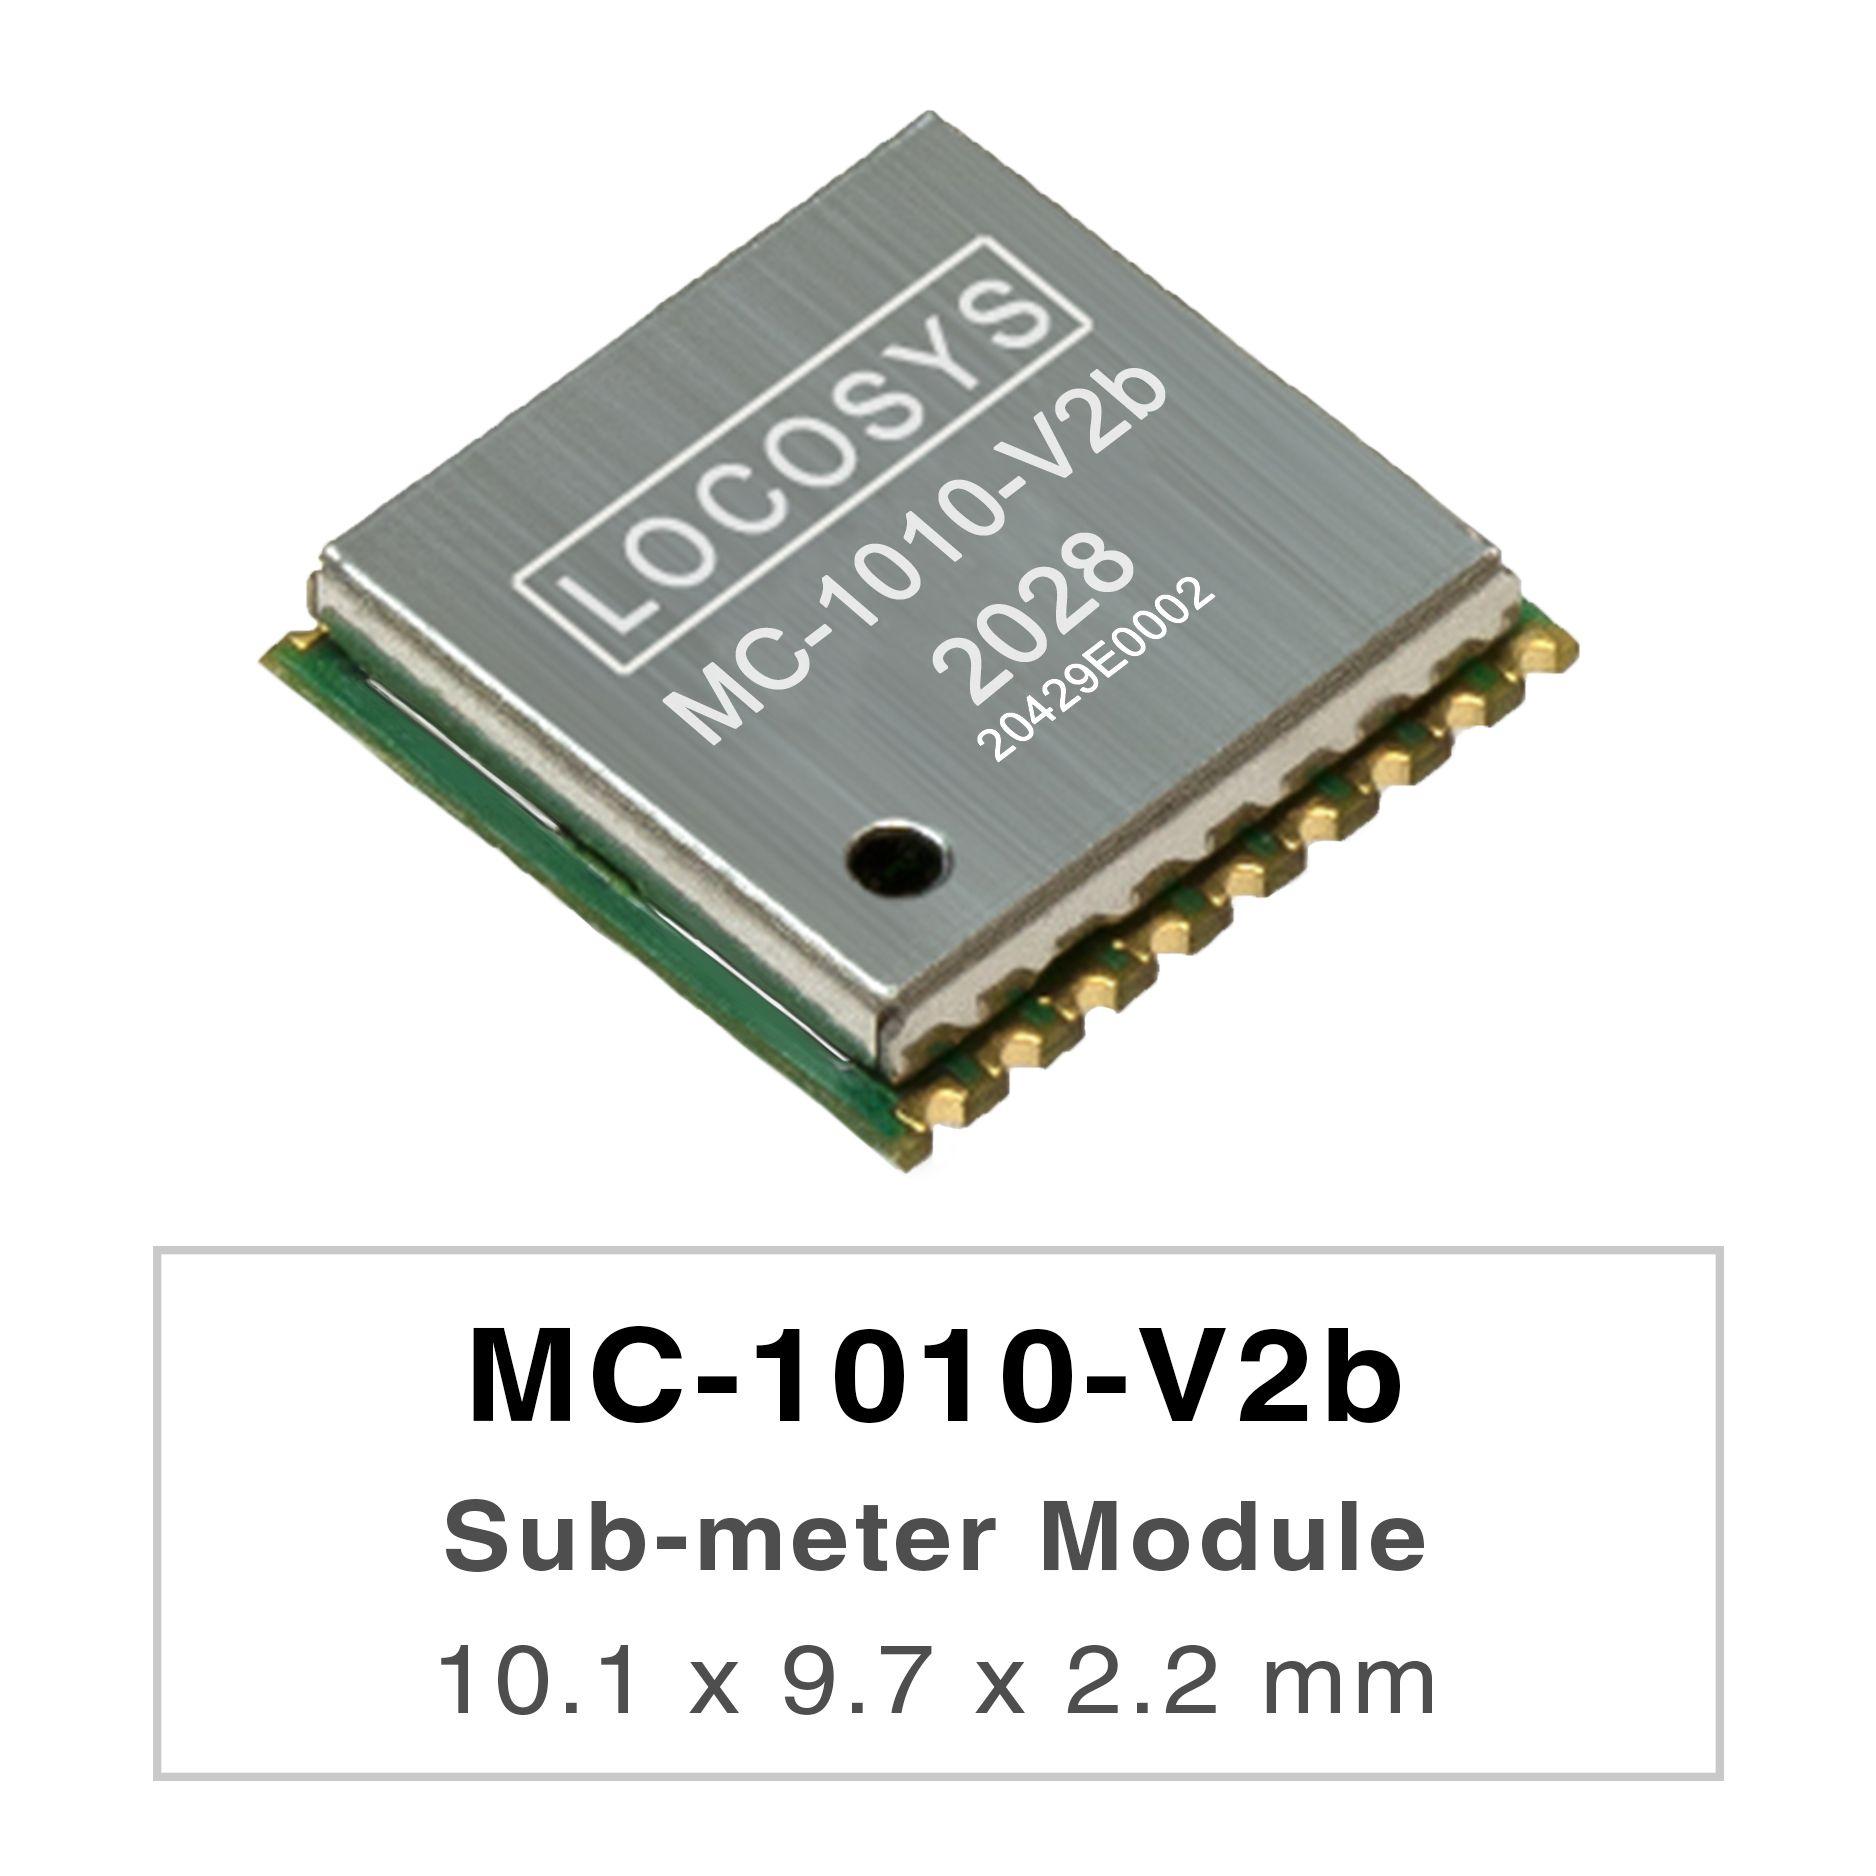 Les séries LOCOSYS MC-1010-Vxx sont des modules de positionnement GNSS double bande hautes performances capables de suivre tous les systèmes de navigation civile mondiaux. Ils adoptent un processus de 12 nm et intègrent une architecture de gestion de l'alimentation efficace pour effectuer une faible consommation d'énergie et une sensibilité élevée.